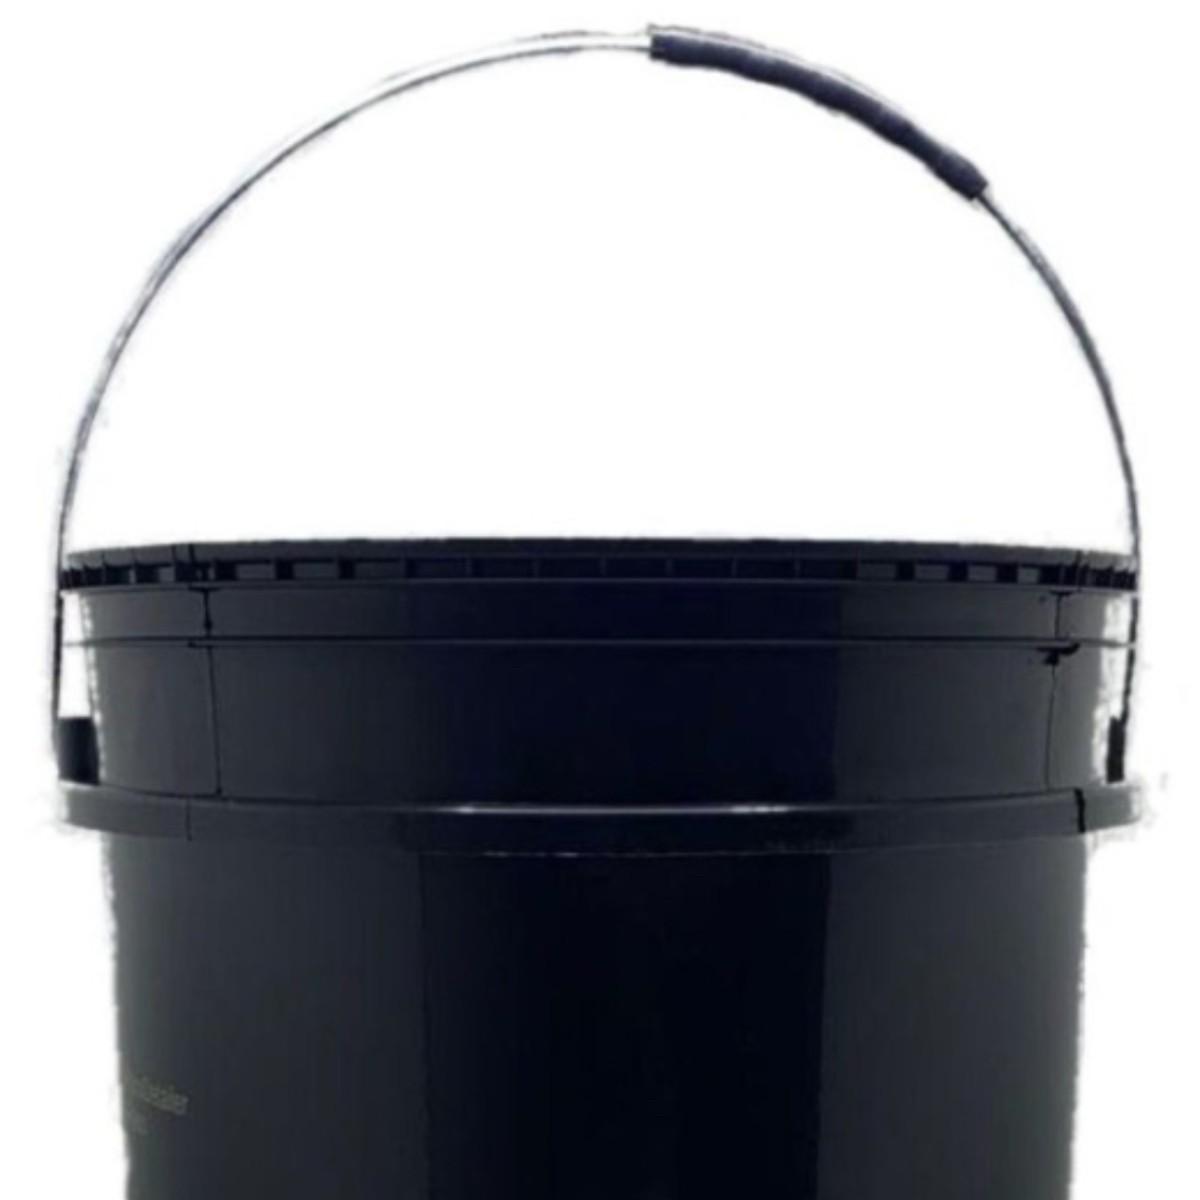 Kit Balde Separador De Partículas Preto Detailer/mandala - 2 Unidades